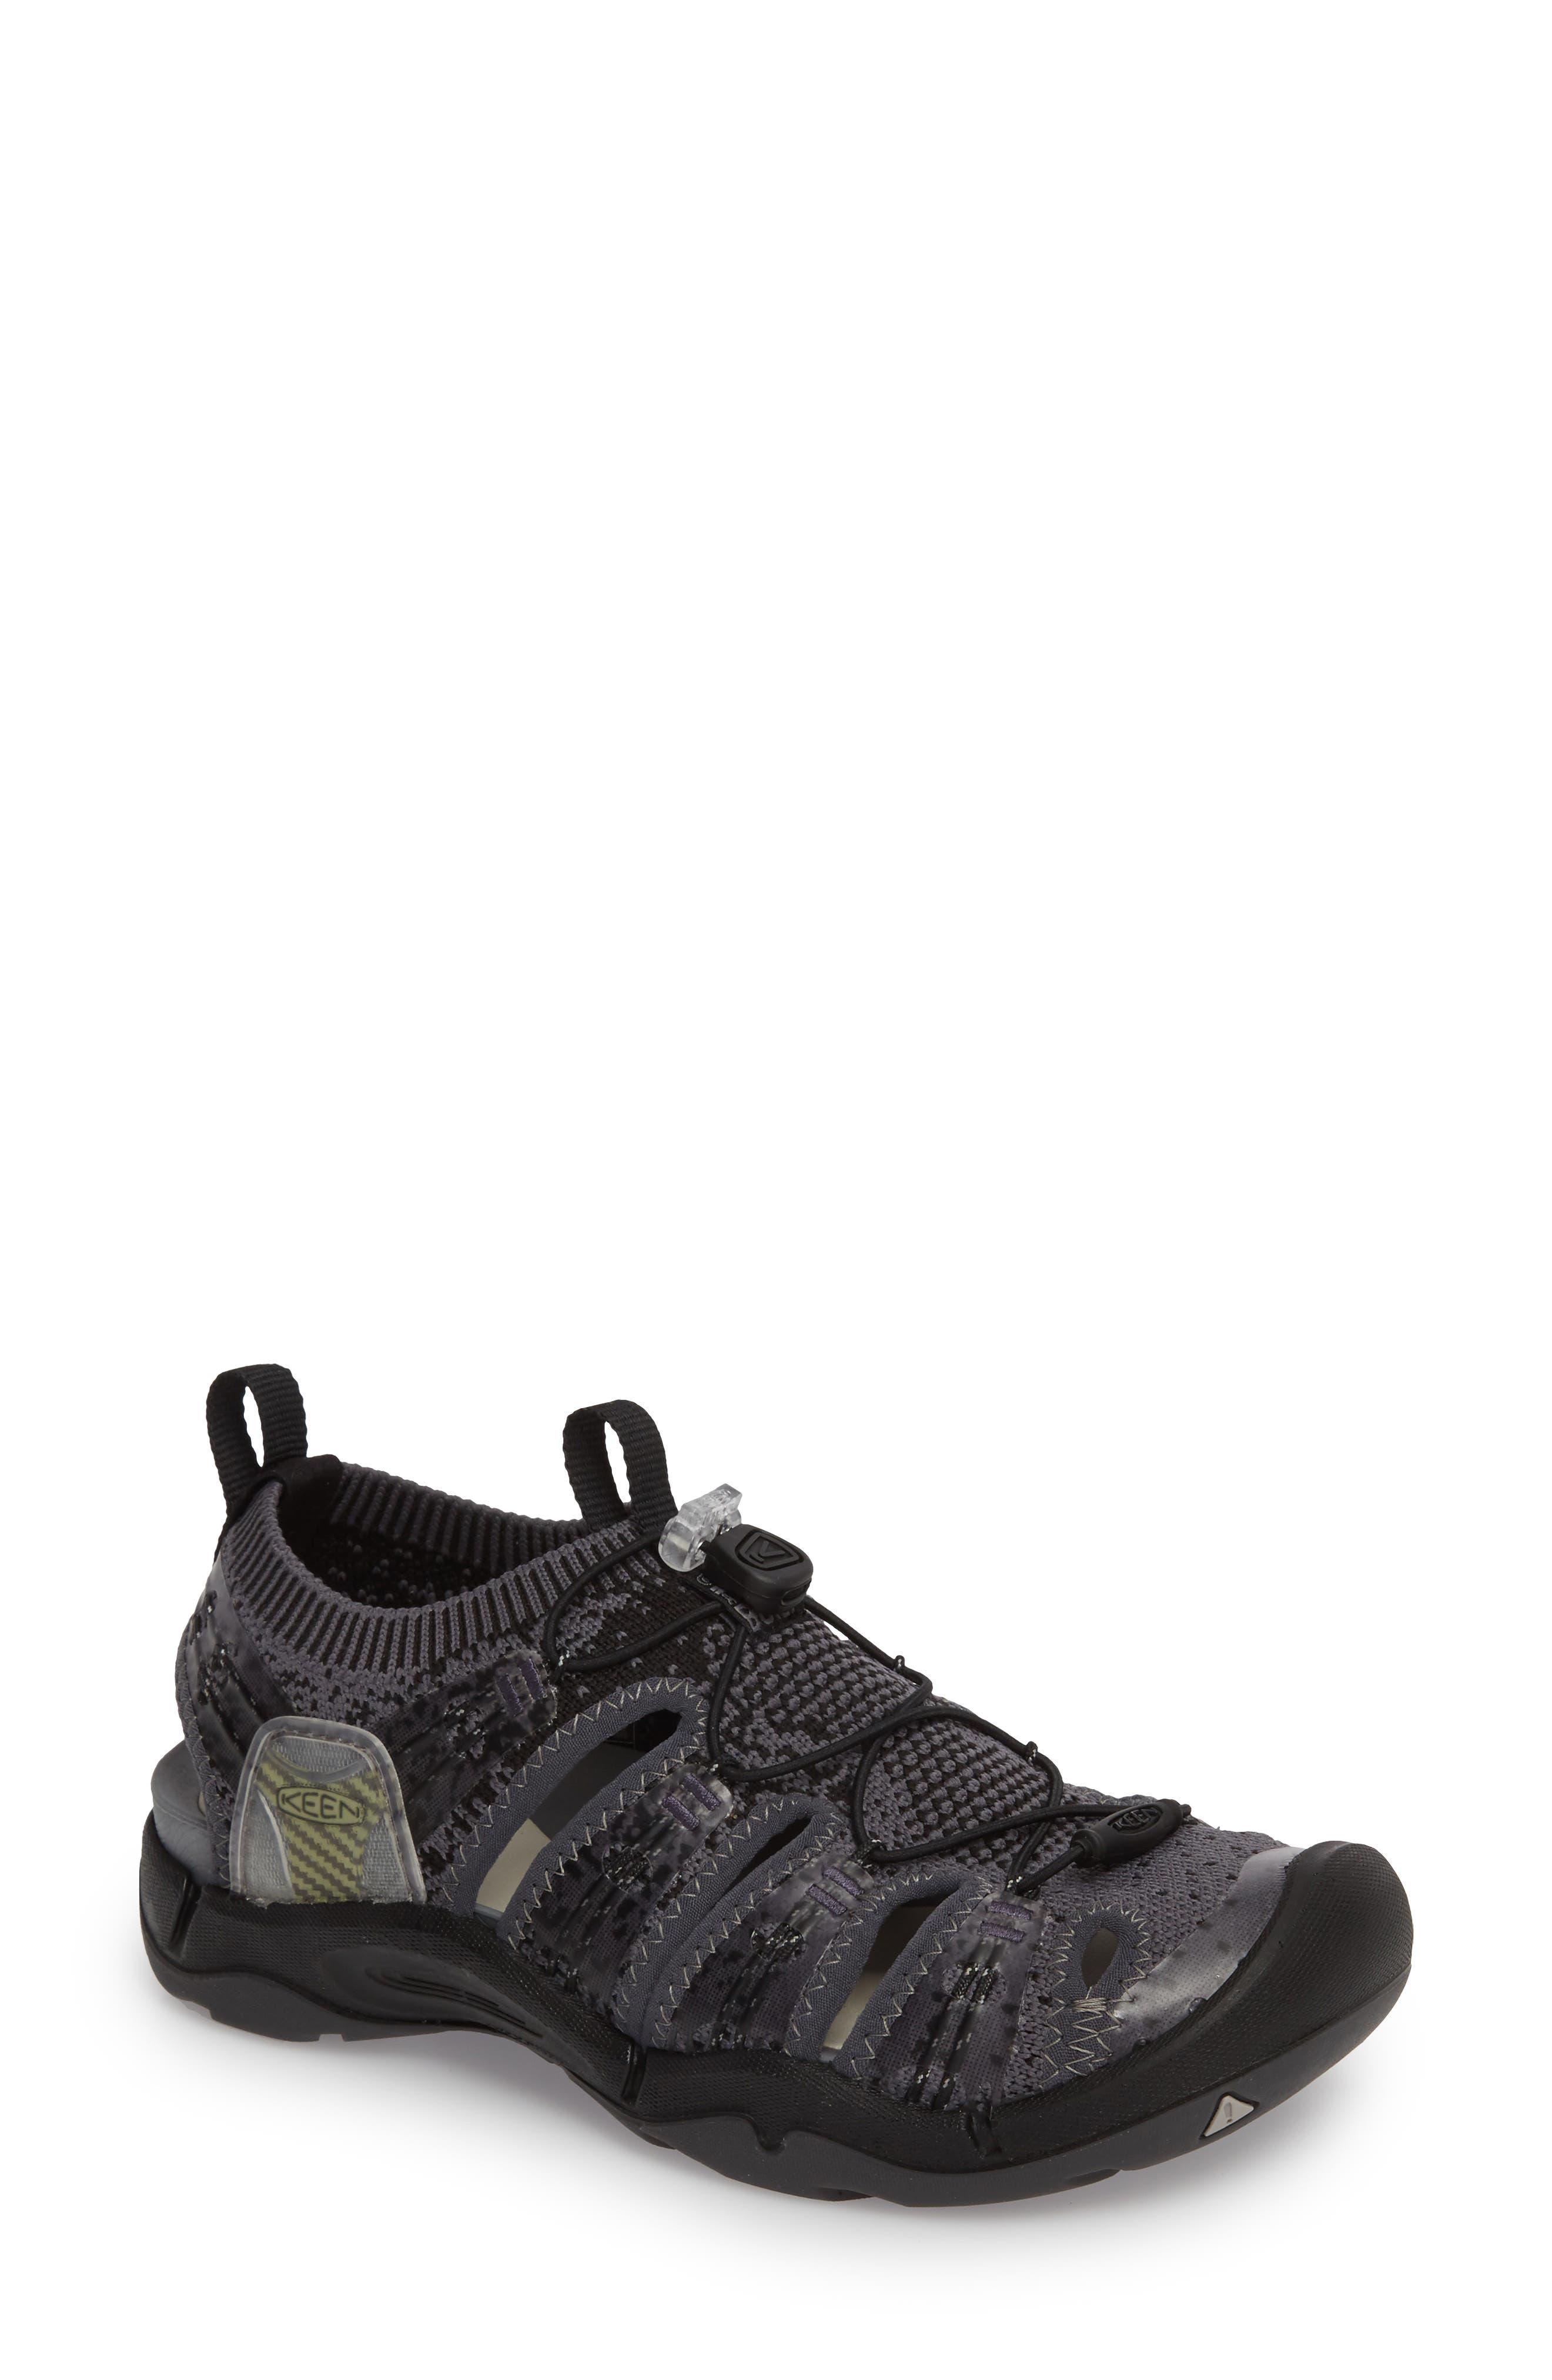 EVOFIT One Sandal,                         Main,                         color, Heathered Black/ Magnet